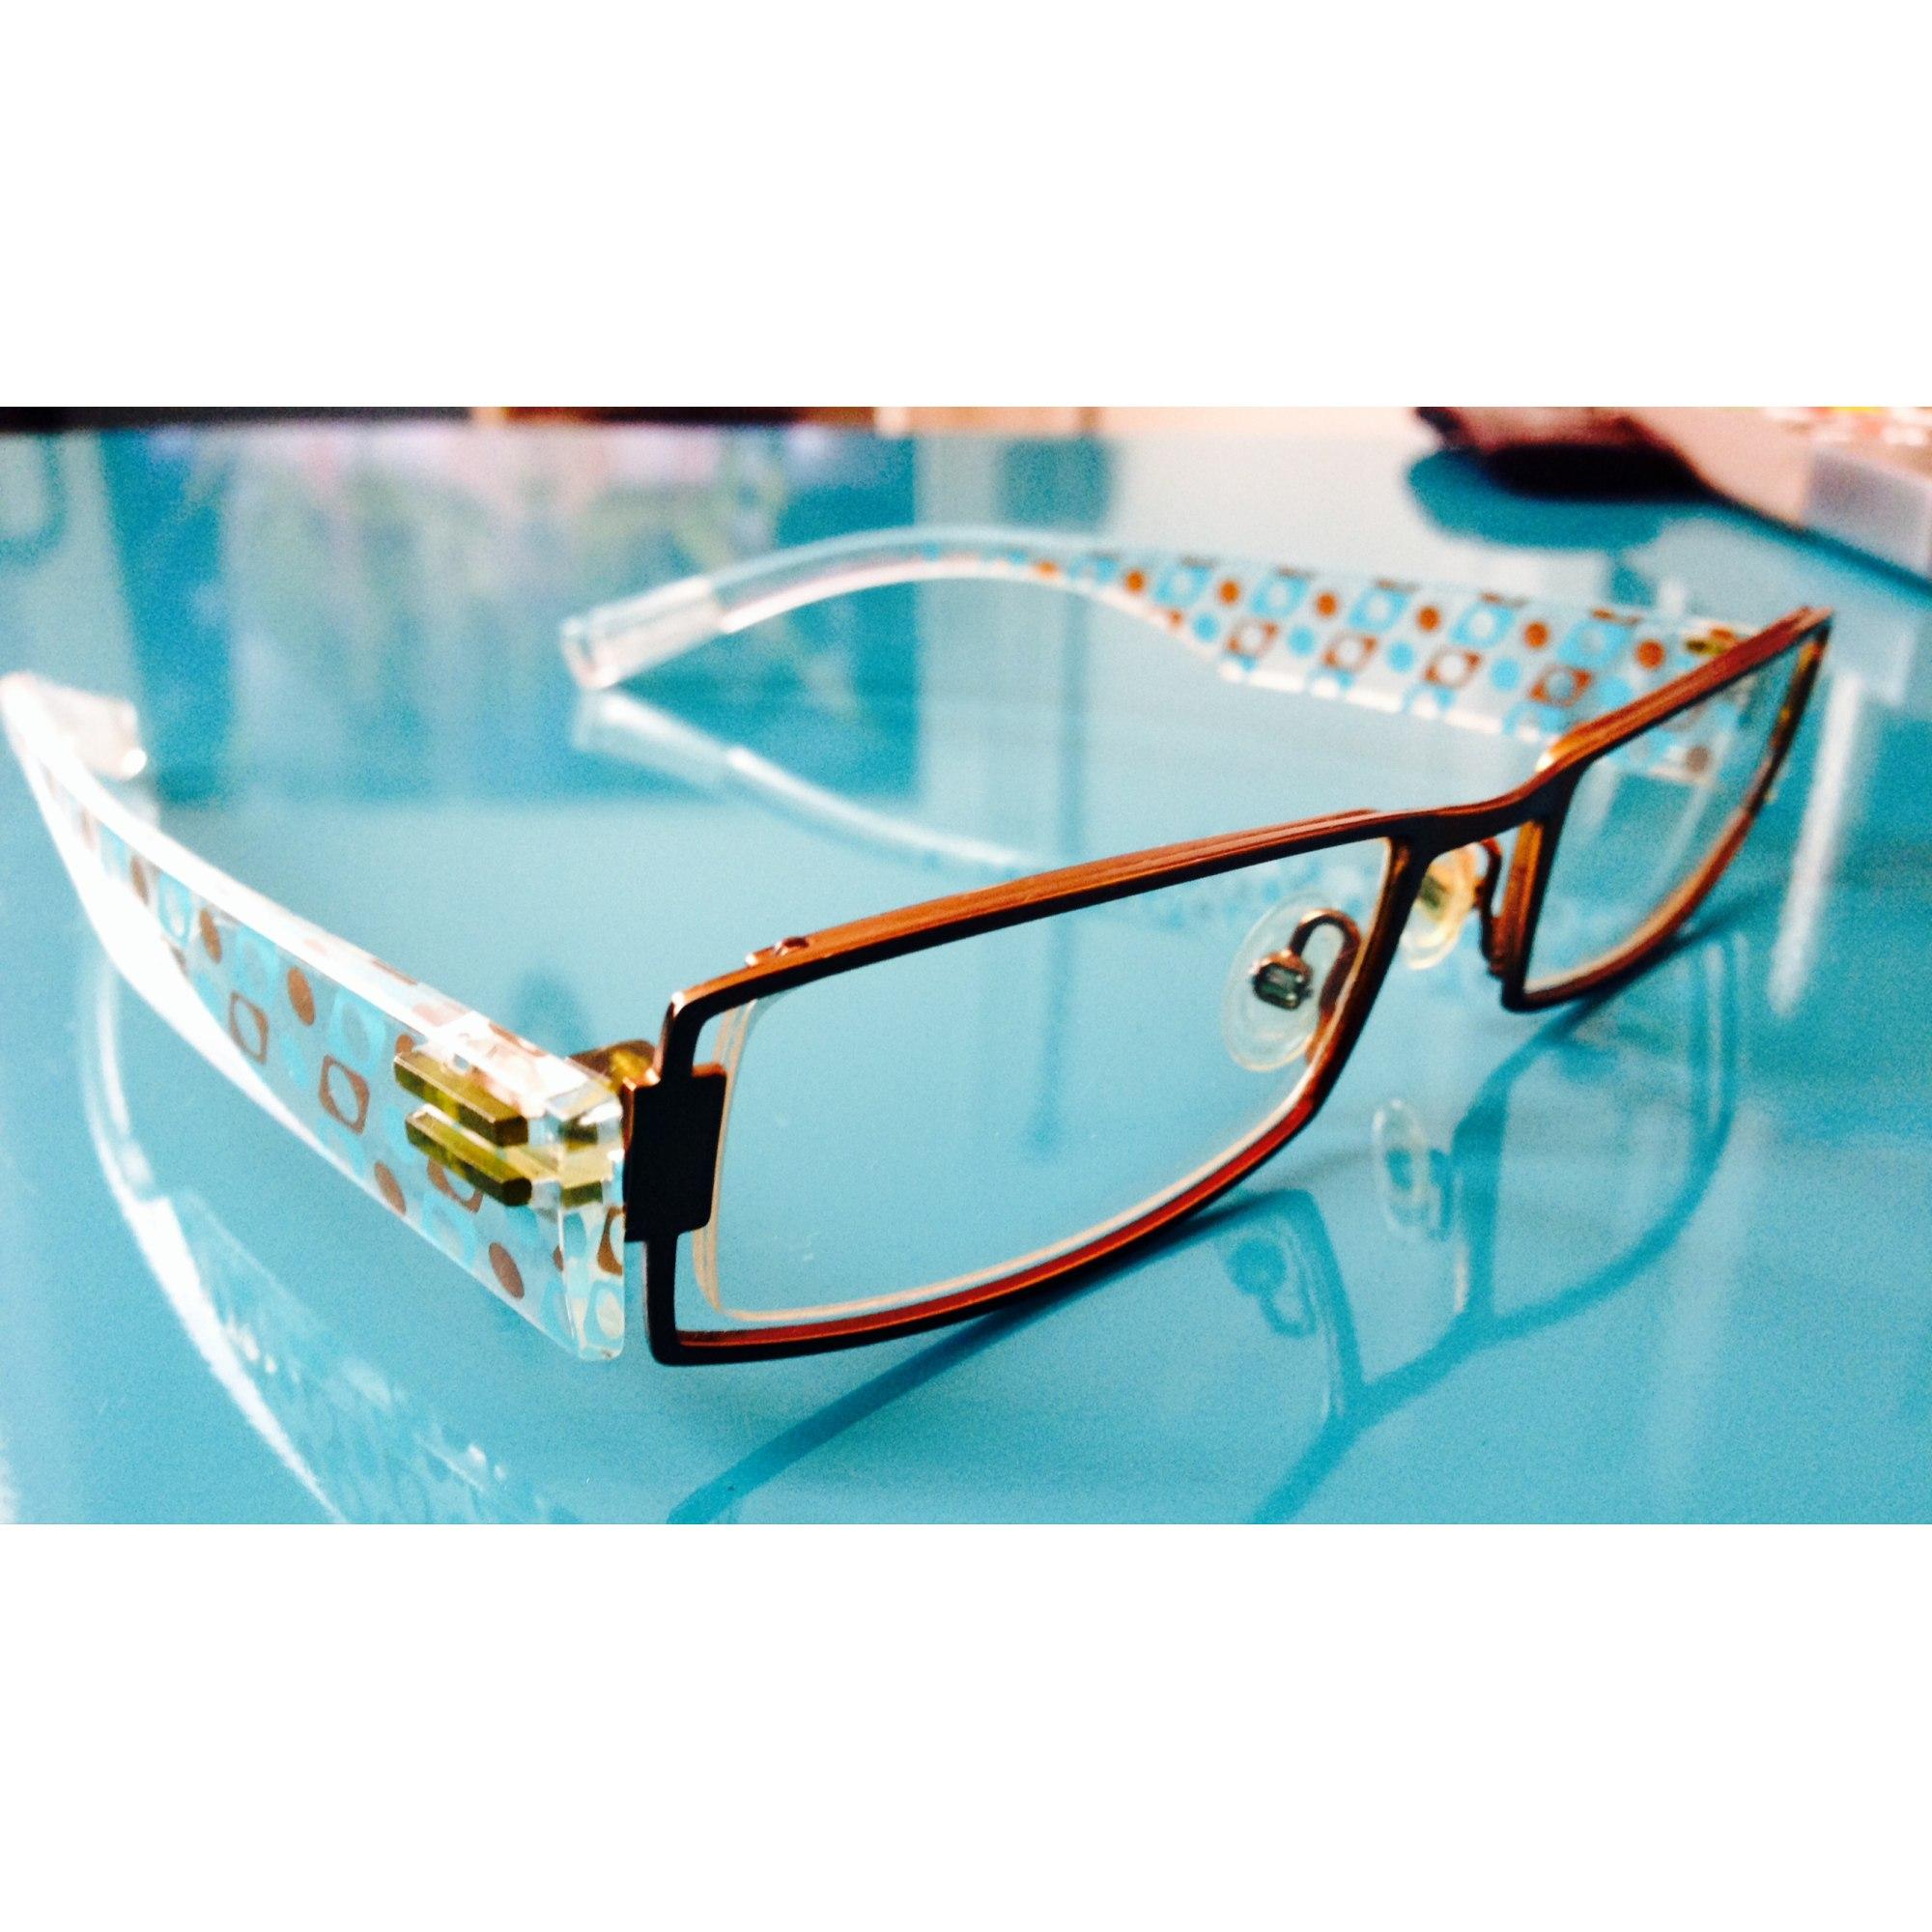 baf9f82b1aec9d Monture de lunettes DILEM marron - 2216267